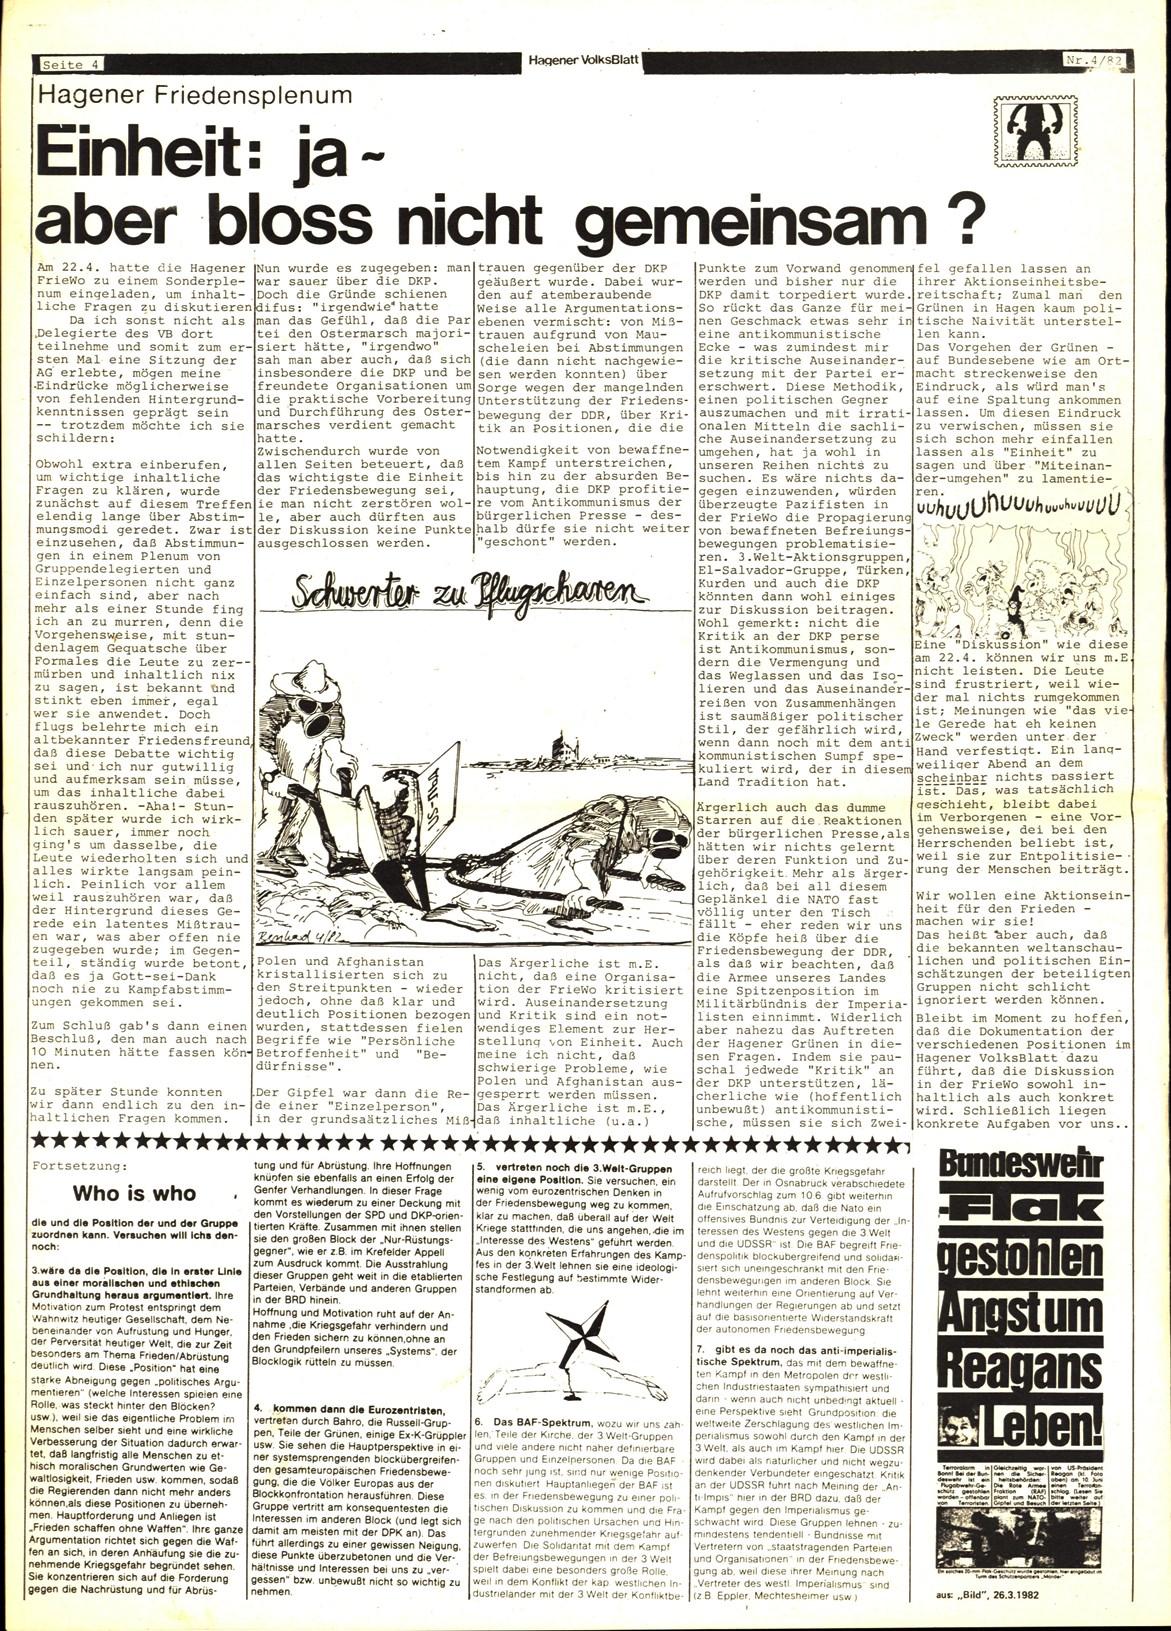 Hagen_Volksblatt_19820600_04